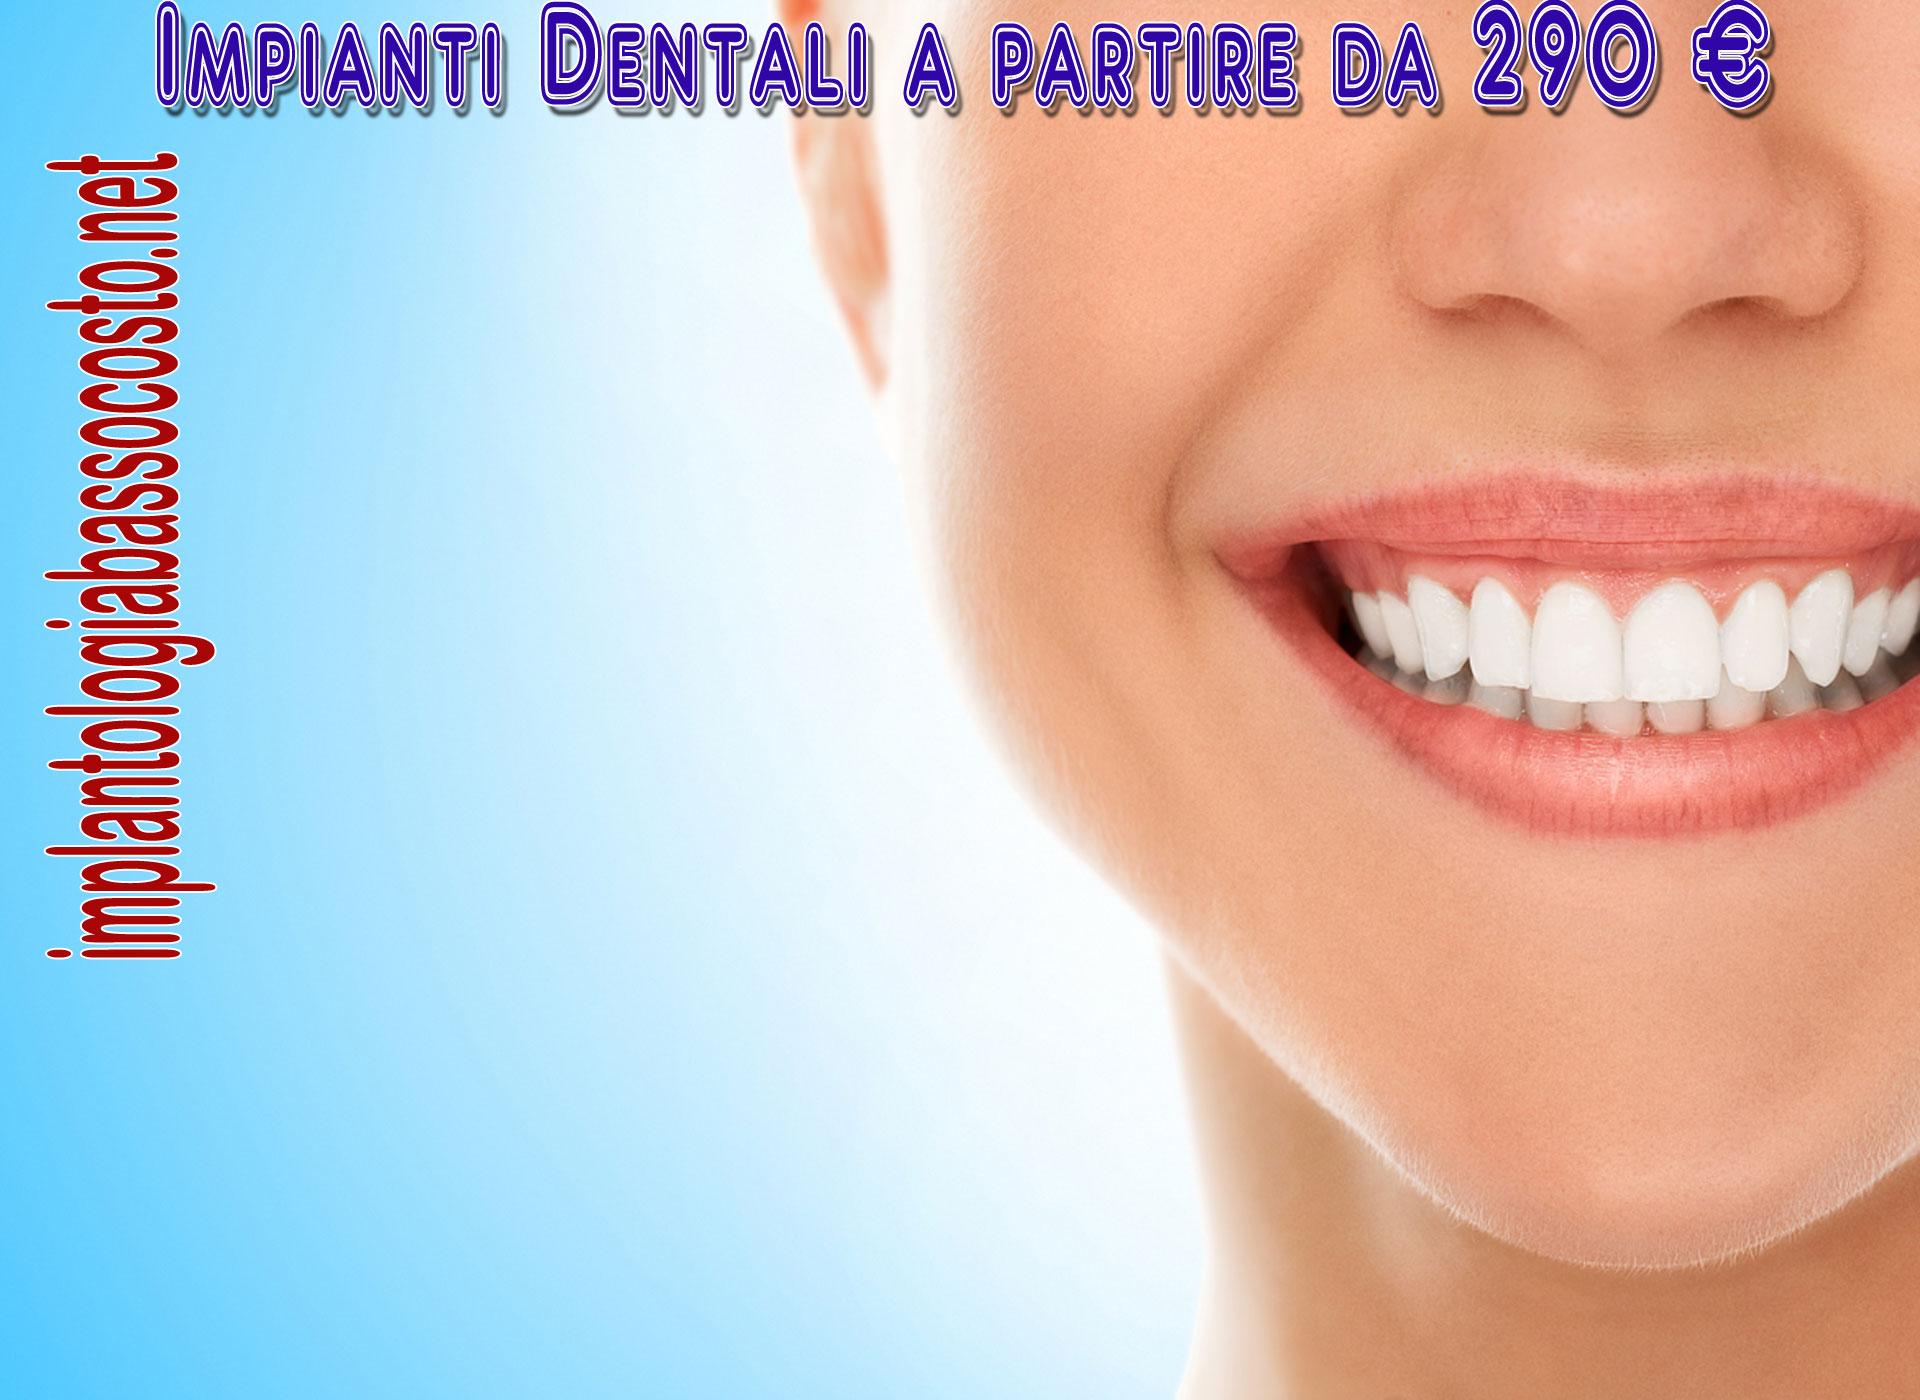 Impianti dentali con sconti fino al 70 %